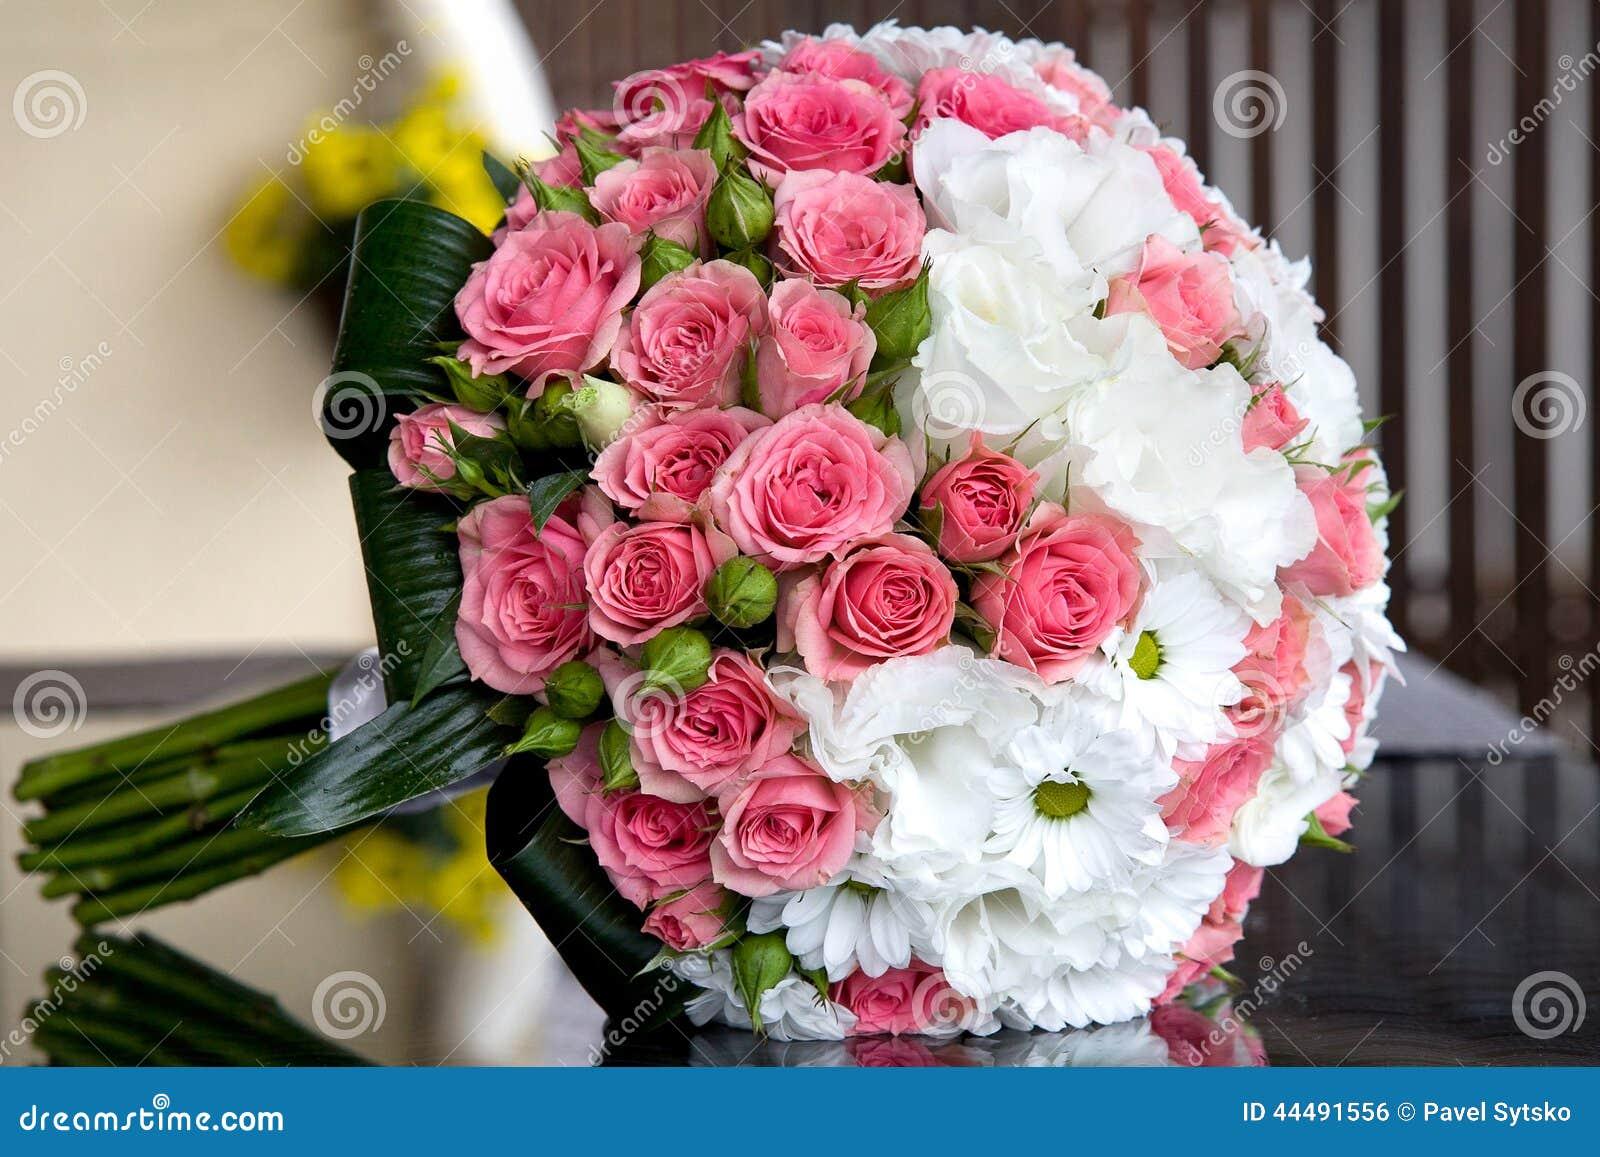 bouquet des fleurs fra ches pour la c r monie de mariage photo stock image du vacances. Black Bedroom Furniture Sets. Home Design Ideas